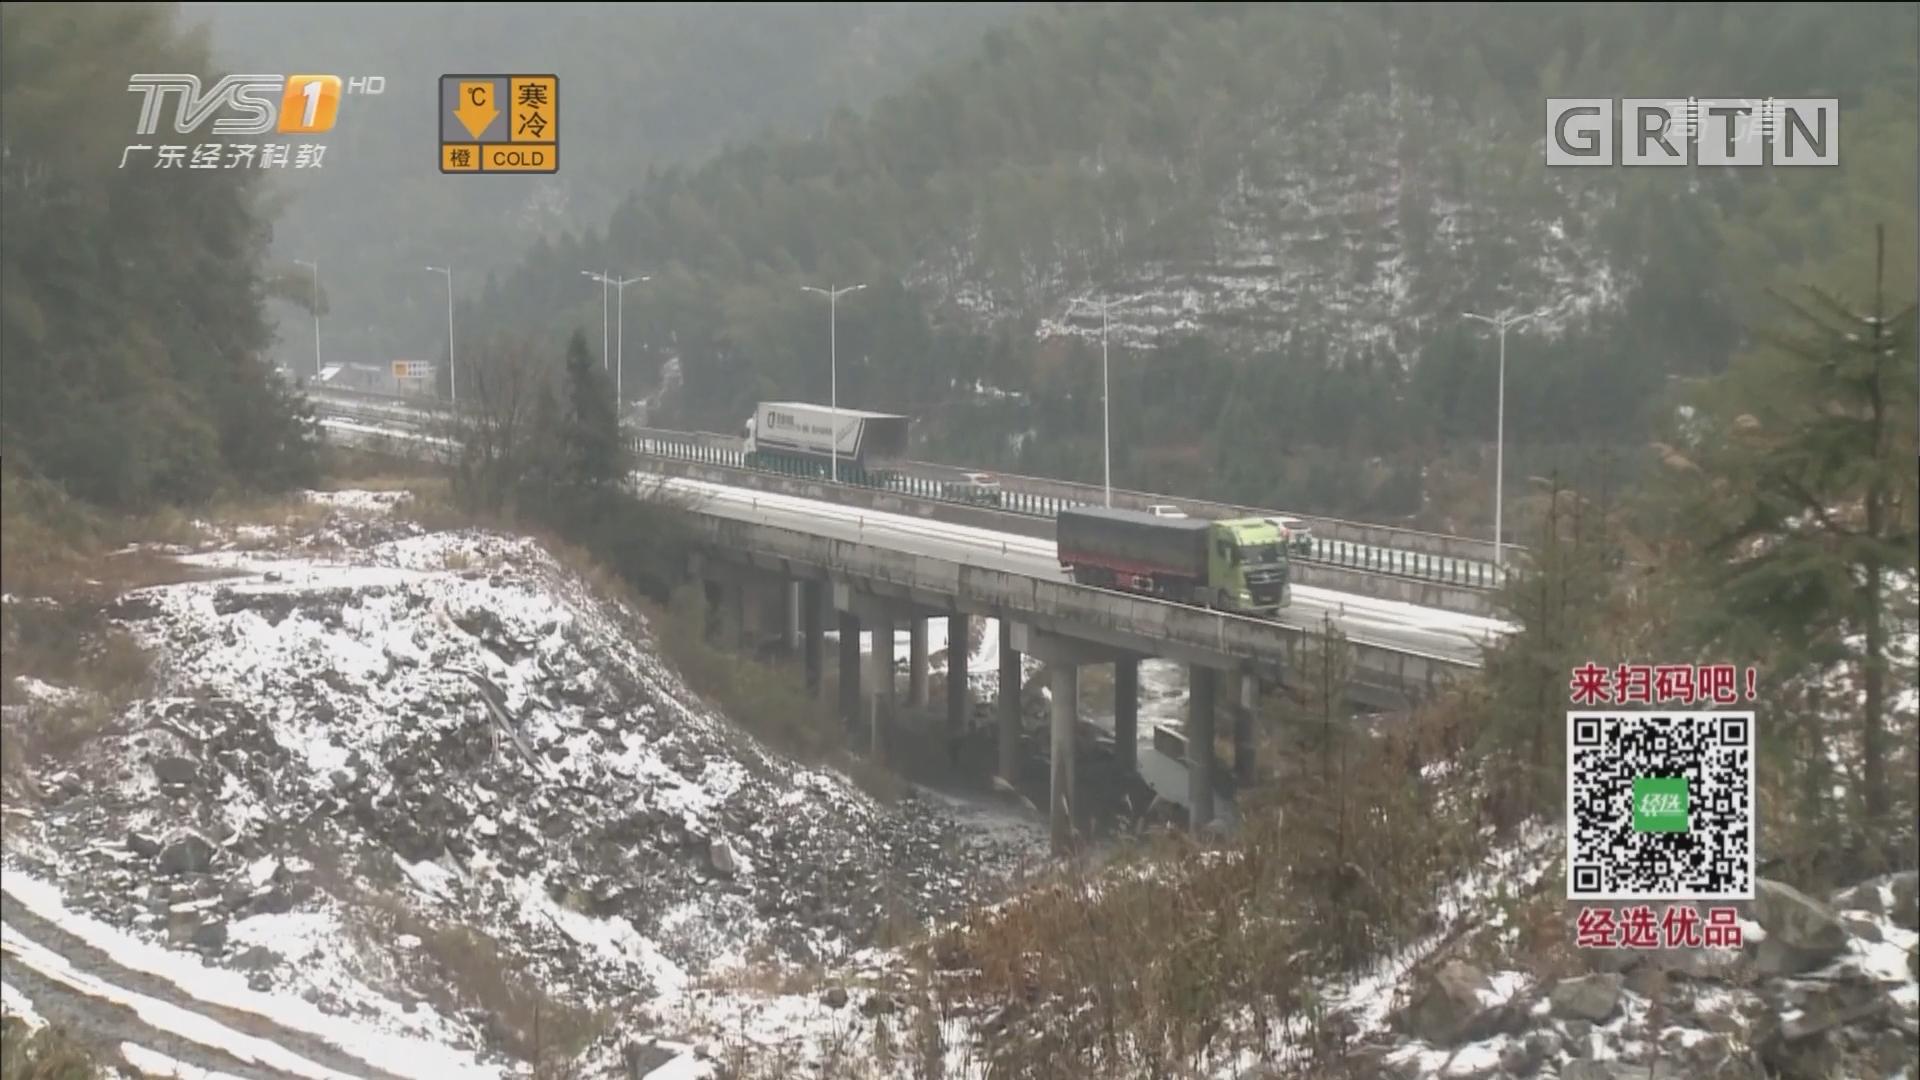 新闻现场:记者走访雪后的清远连州